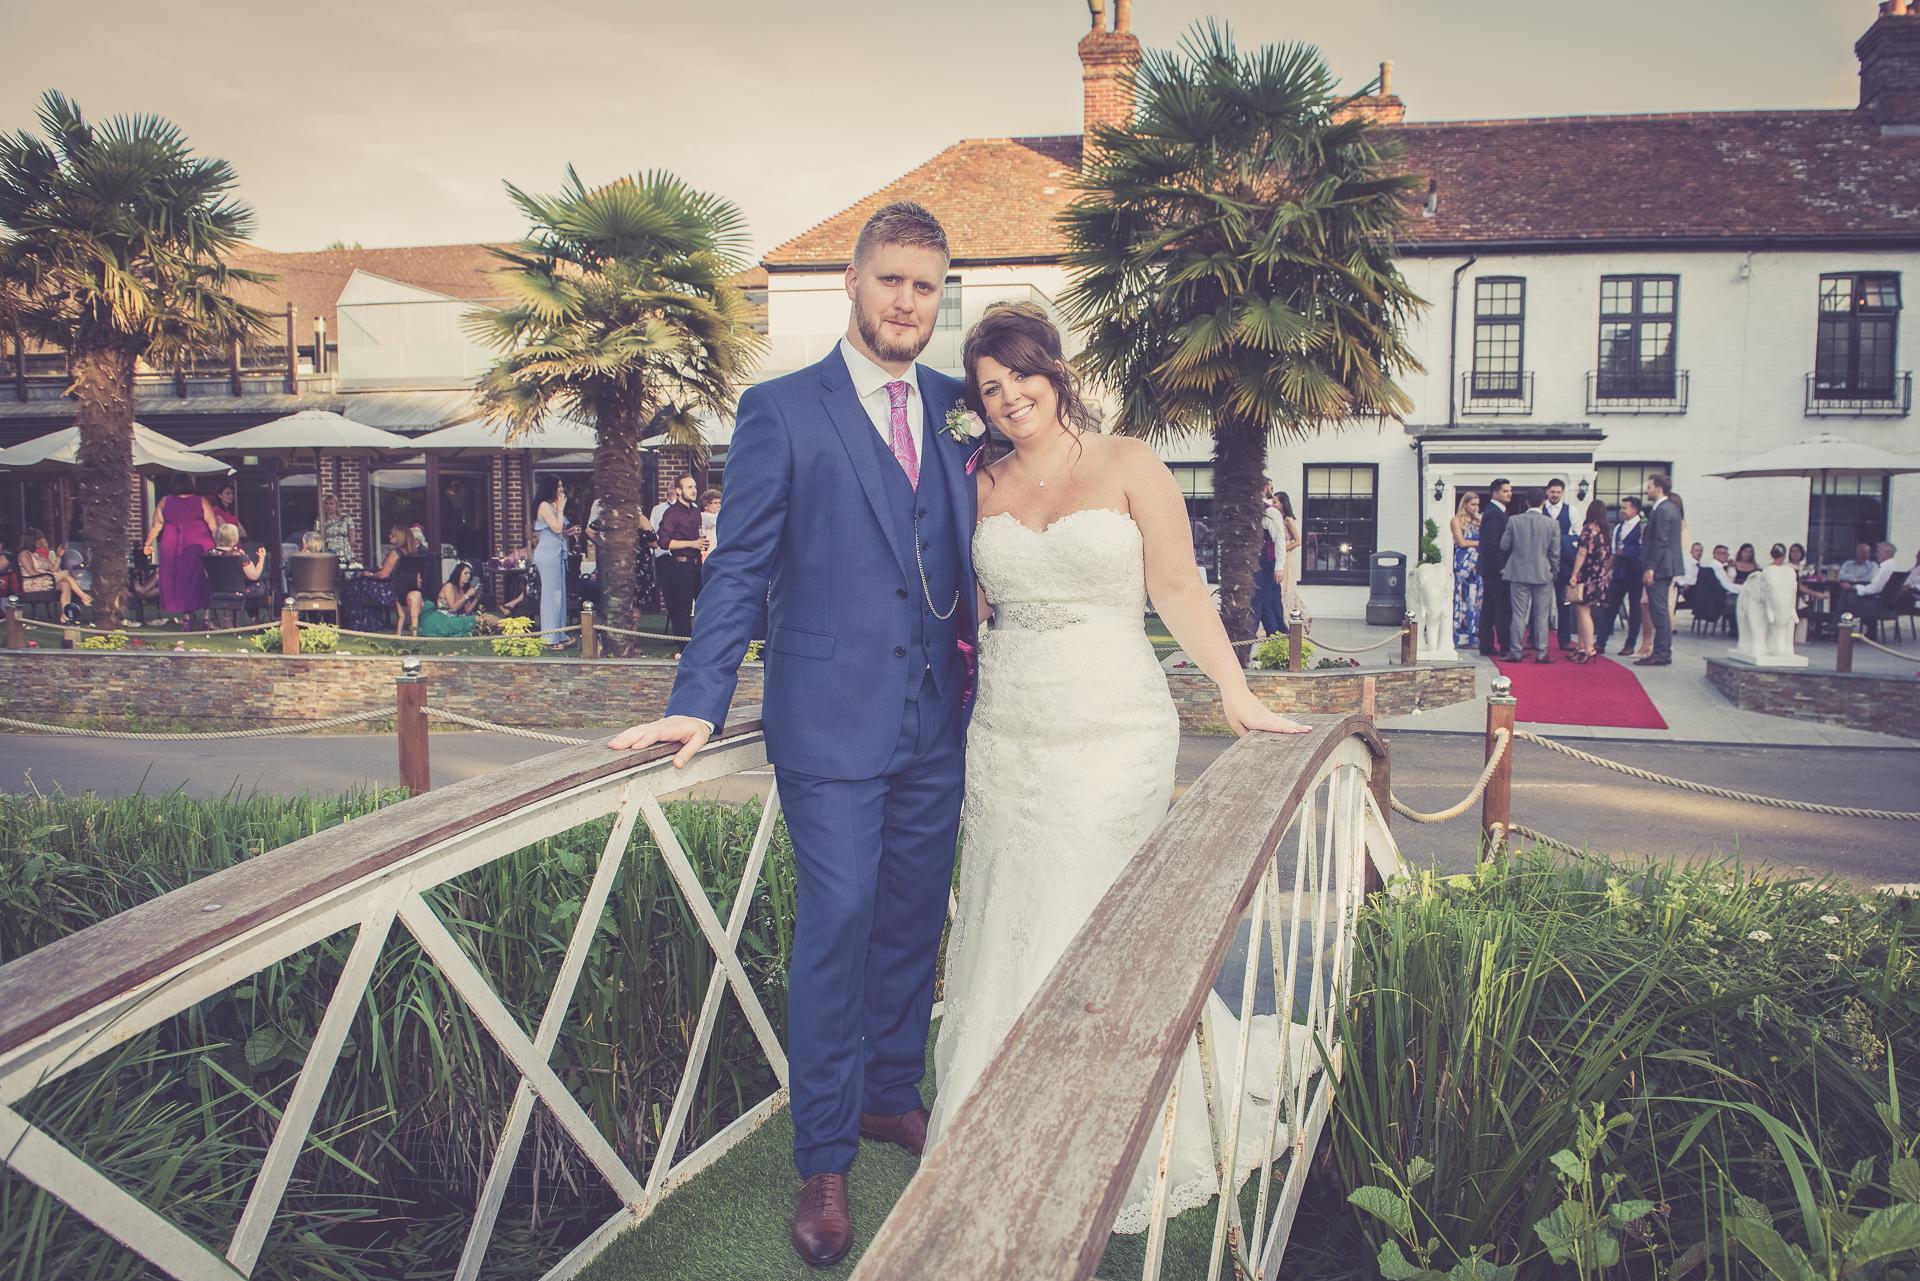 Frensham-Pond-Hotel-wedding_77.JPG